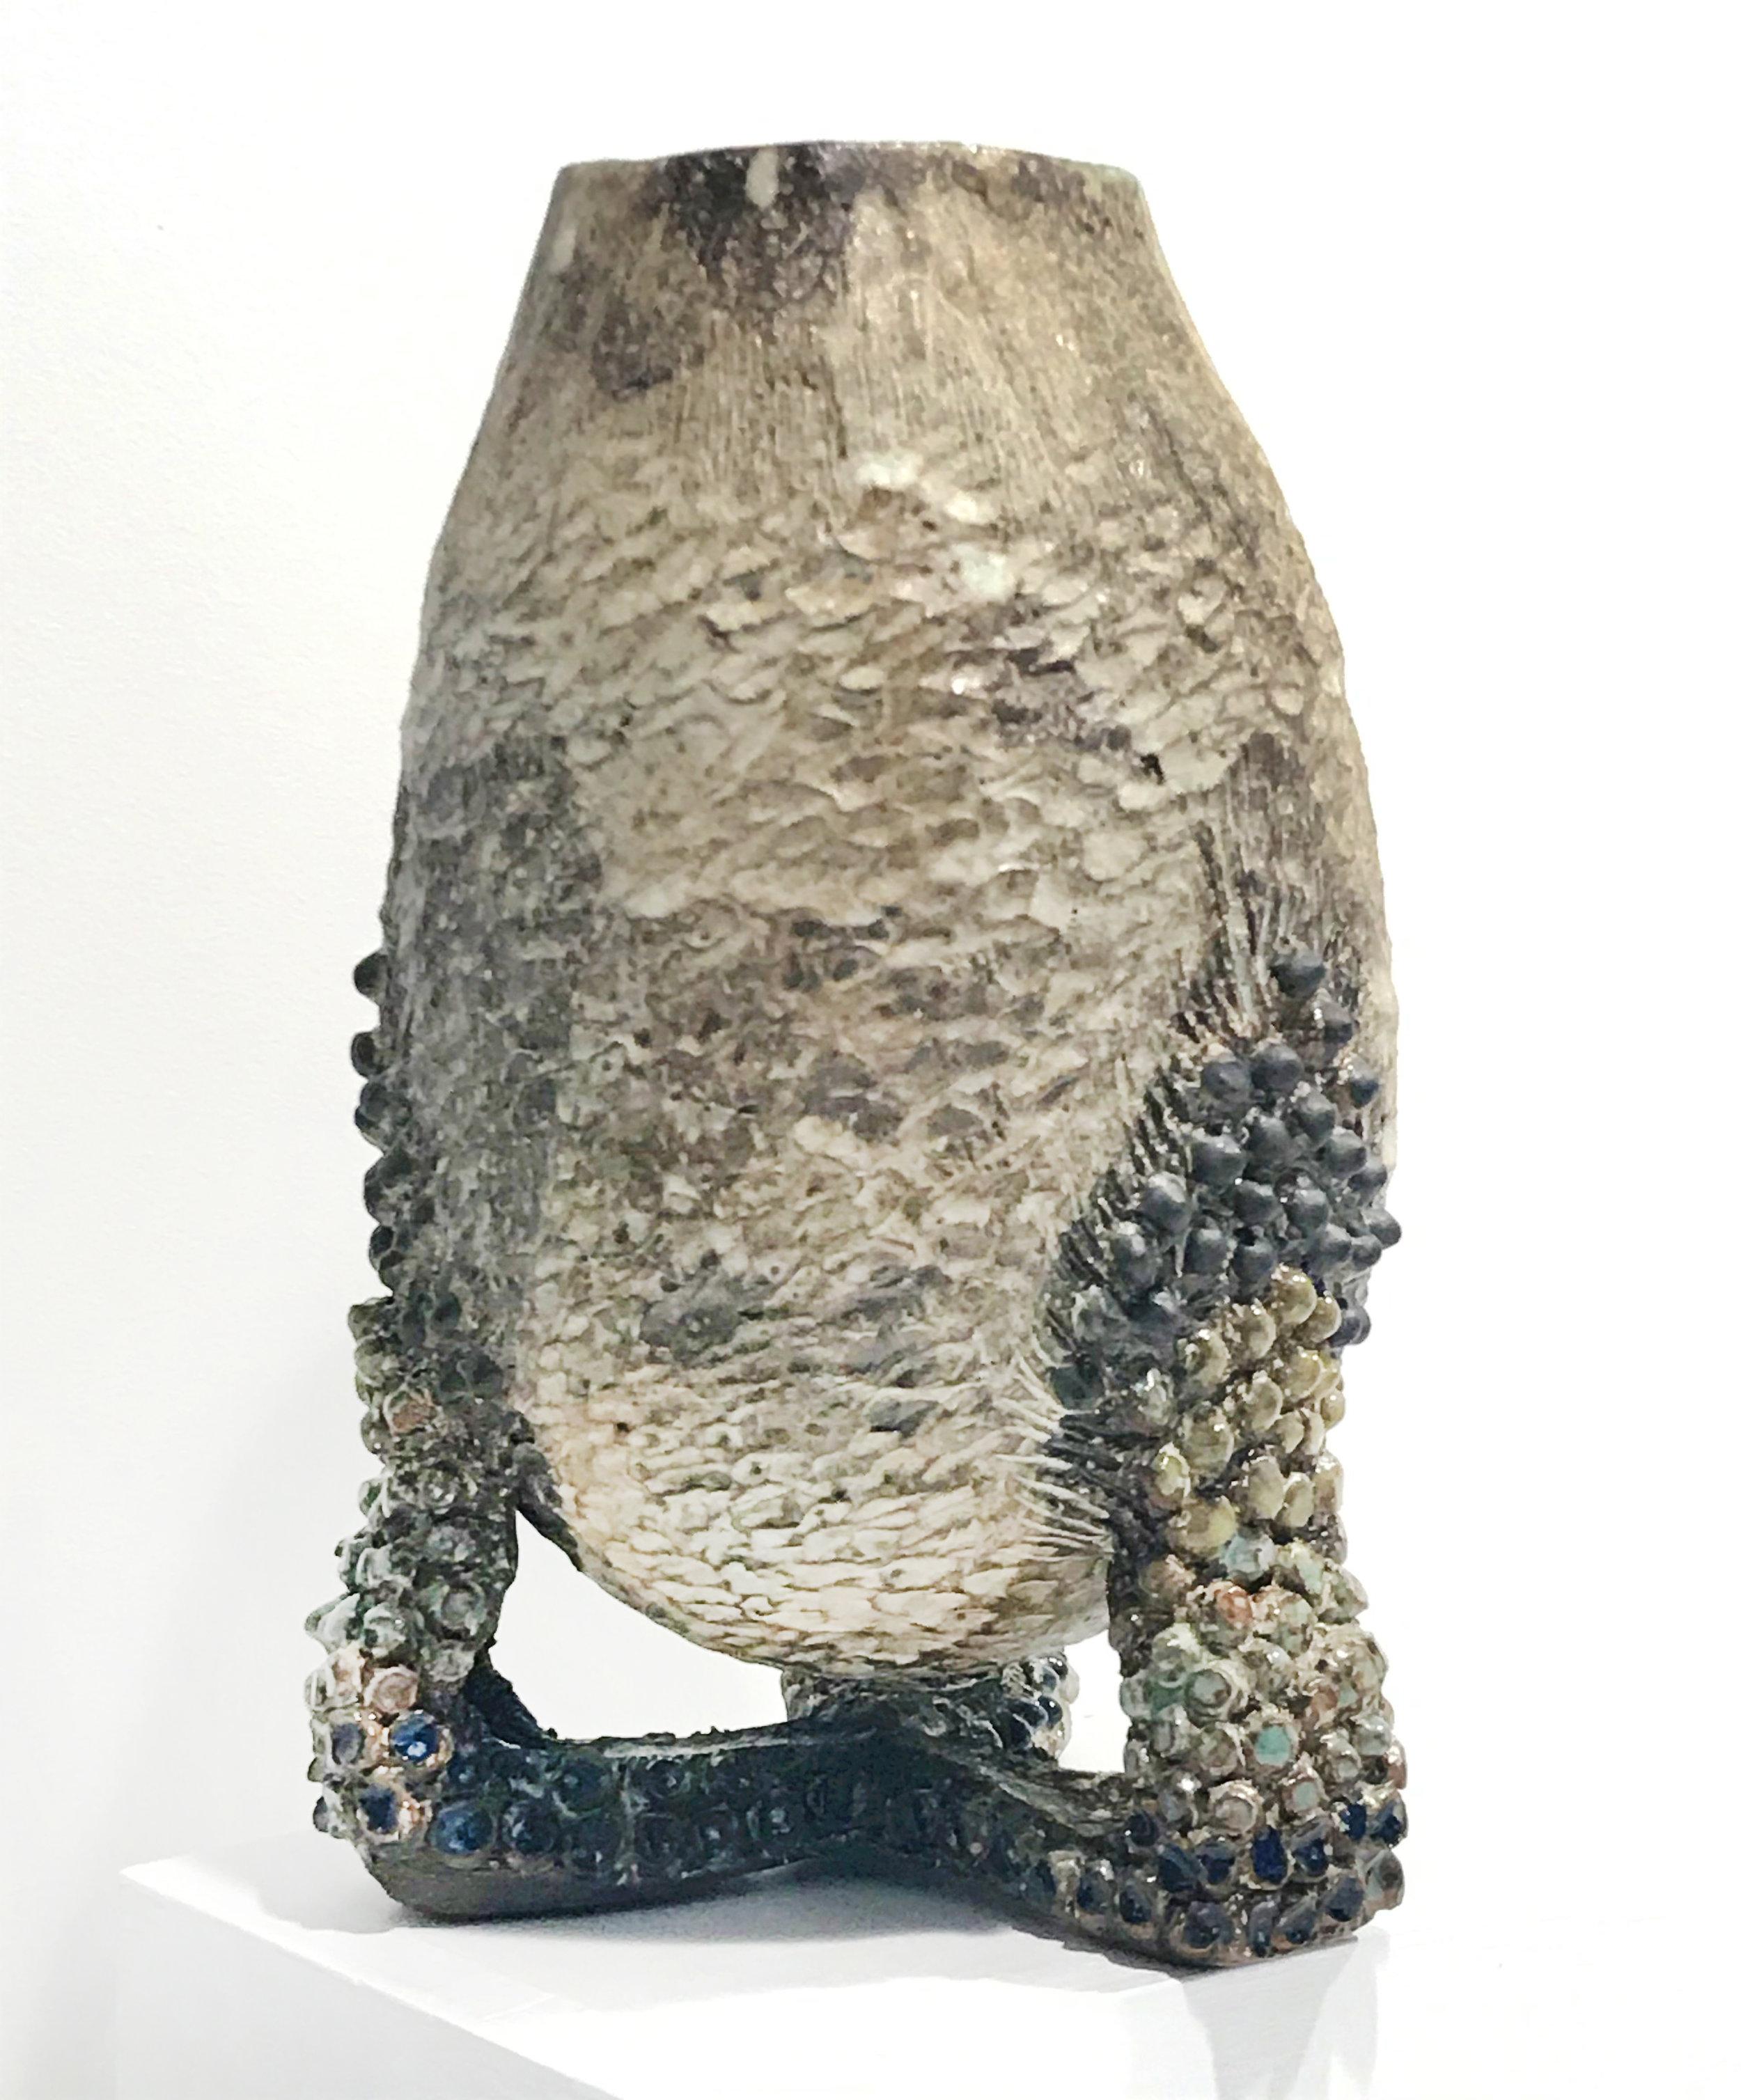 - Dena ZemskyTri-footed Vessel2018Glazed stoneware9 x 6 x 6 inches